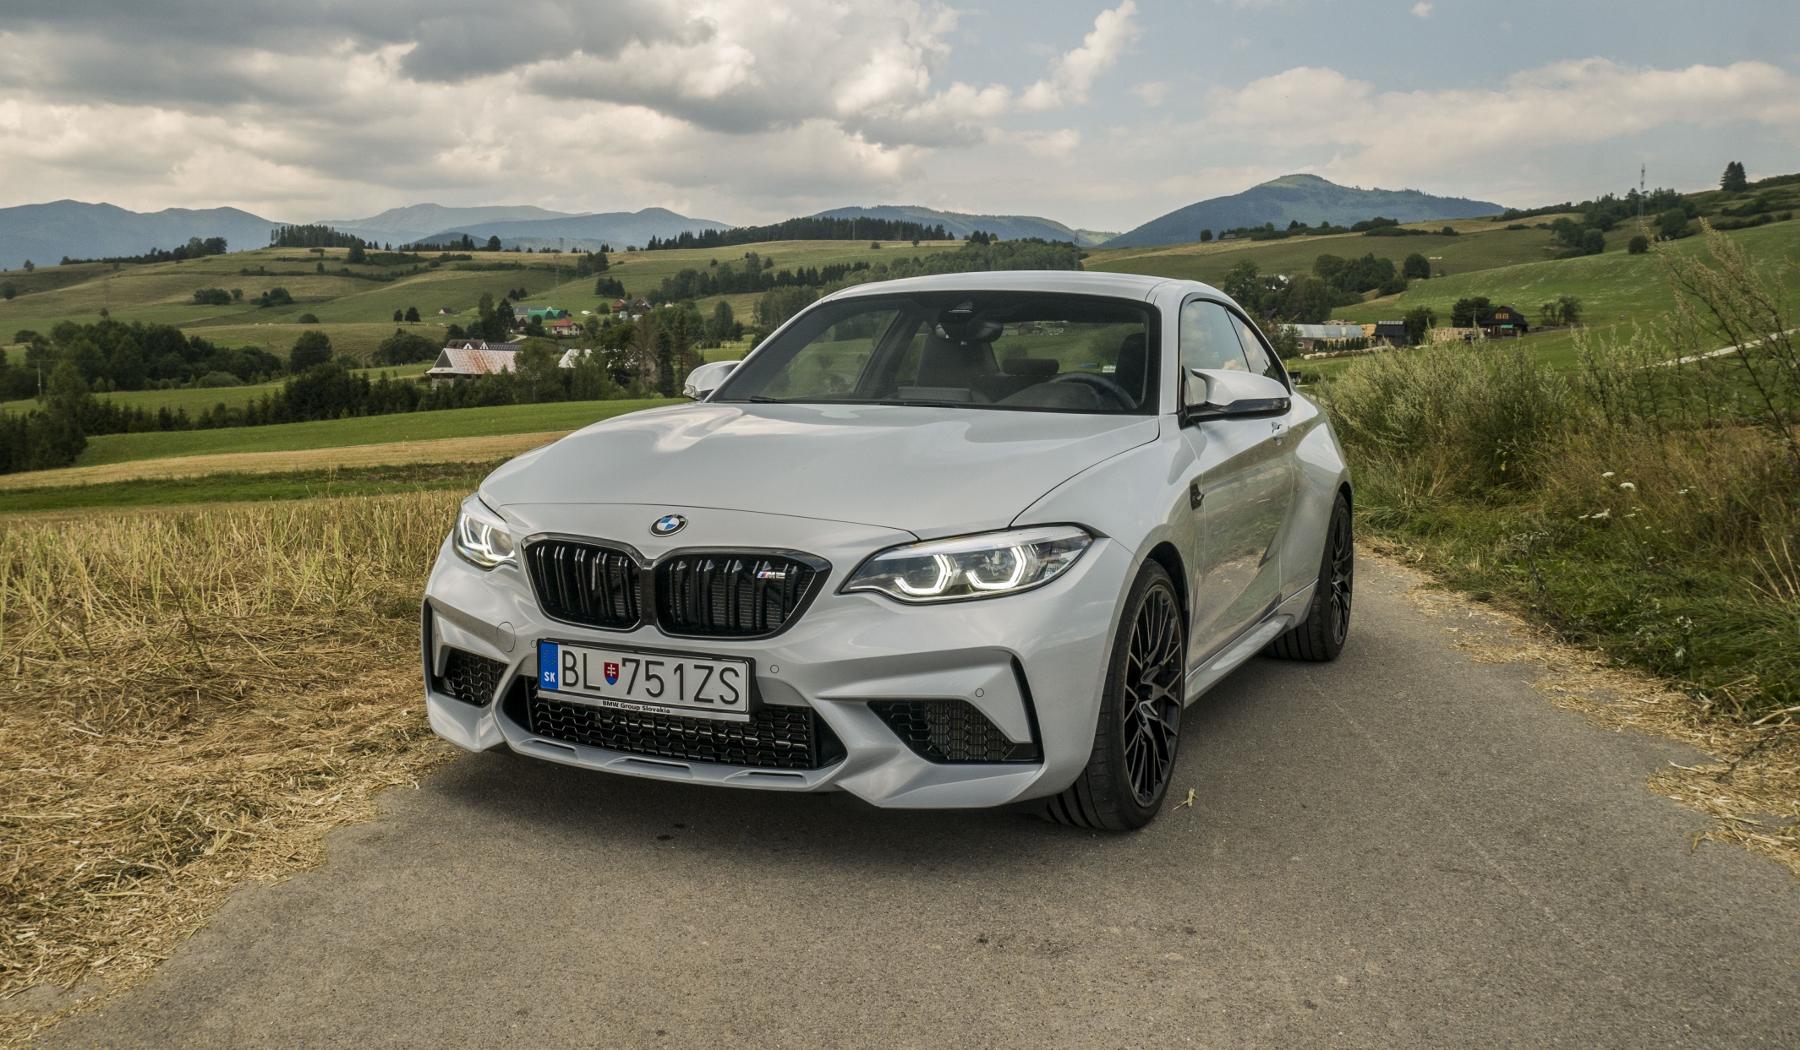 Test: BMW M2 Competition je nálož plná zábavy Br8jx6U3H1 bmw-m2-9